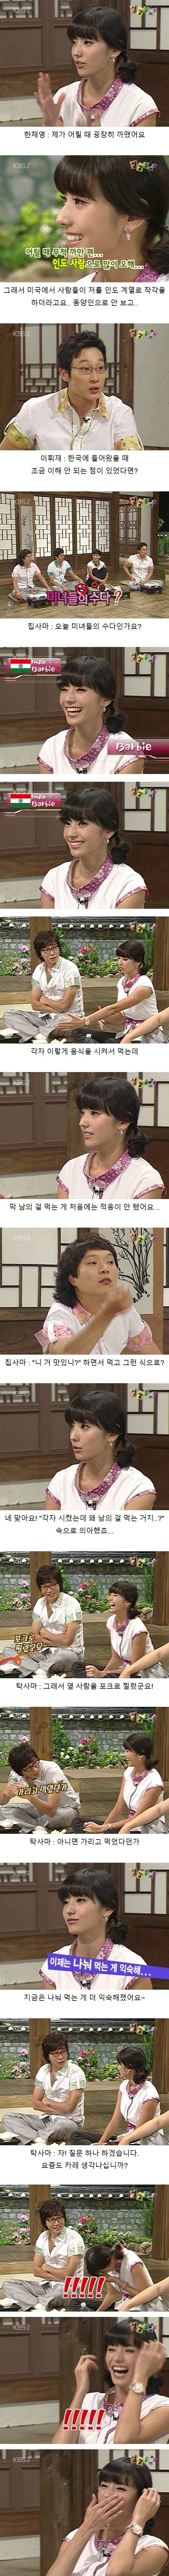 한채영이 한국에 와서 적응하기 힘들었다는 문화 - 꾸르